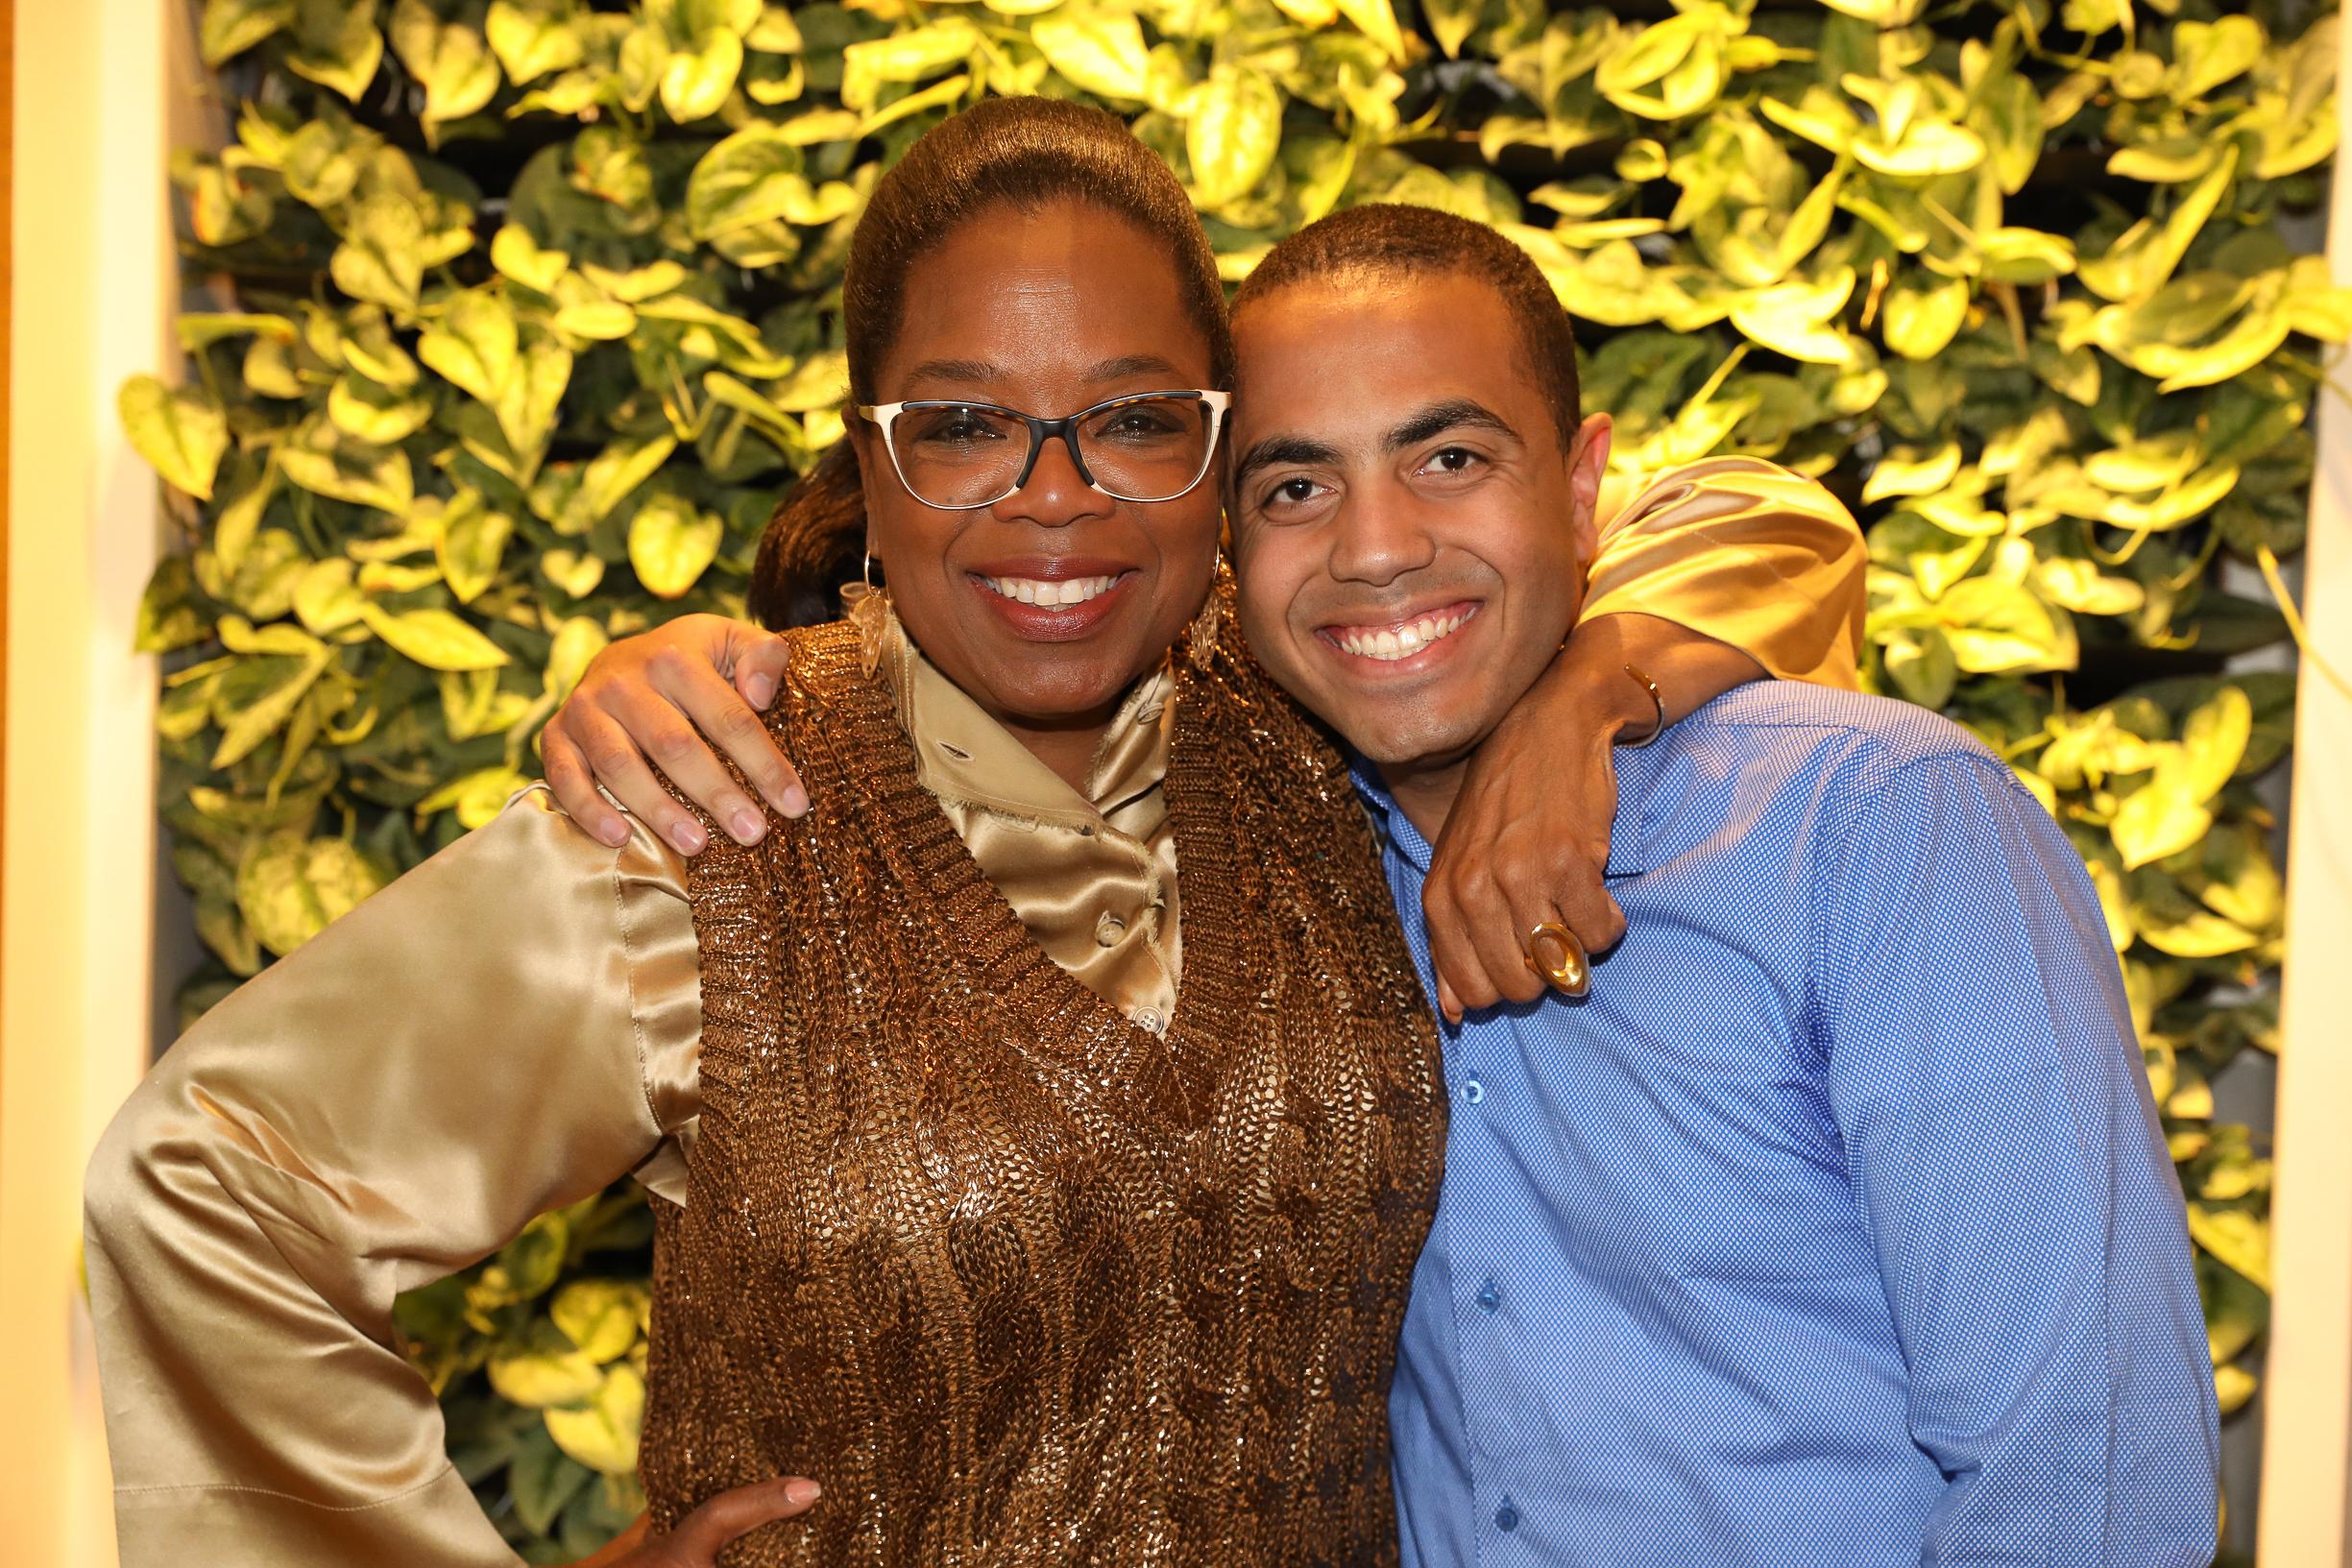 Alex & Oprah Winfrey